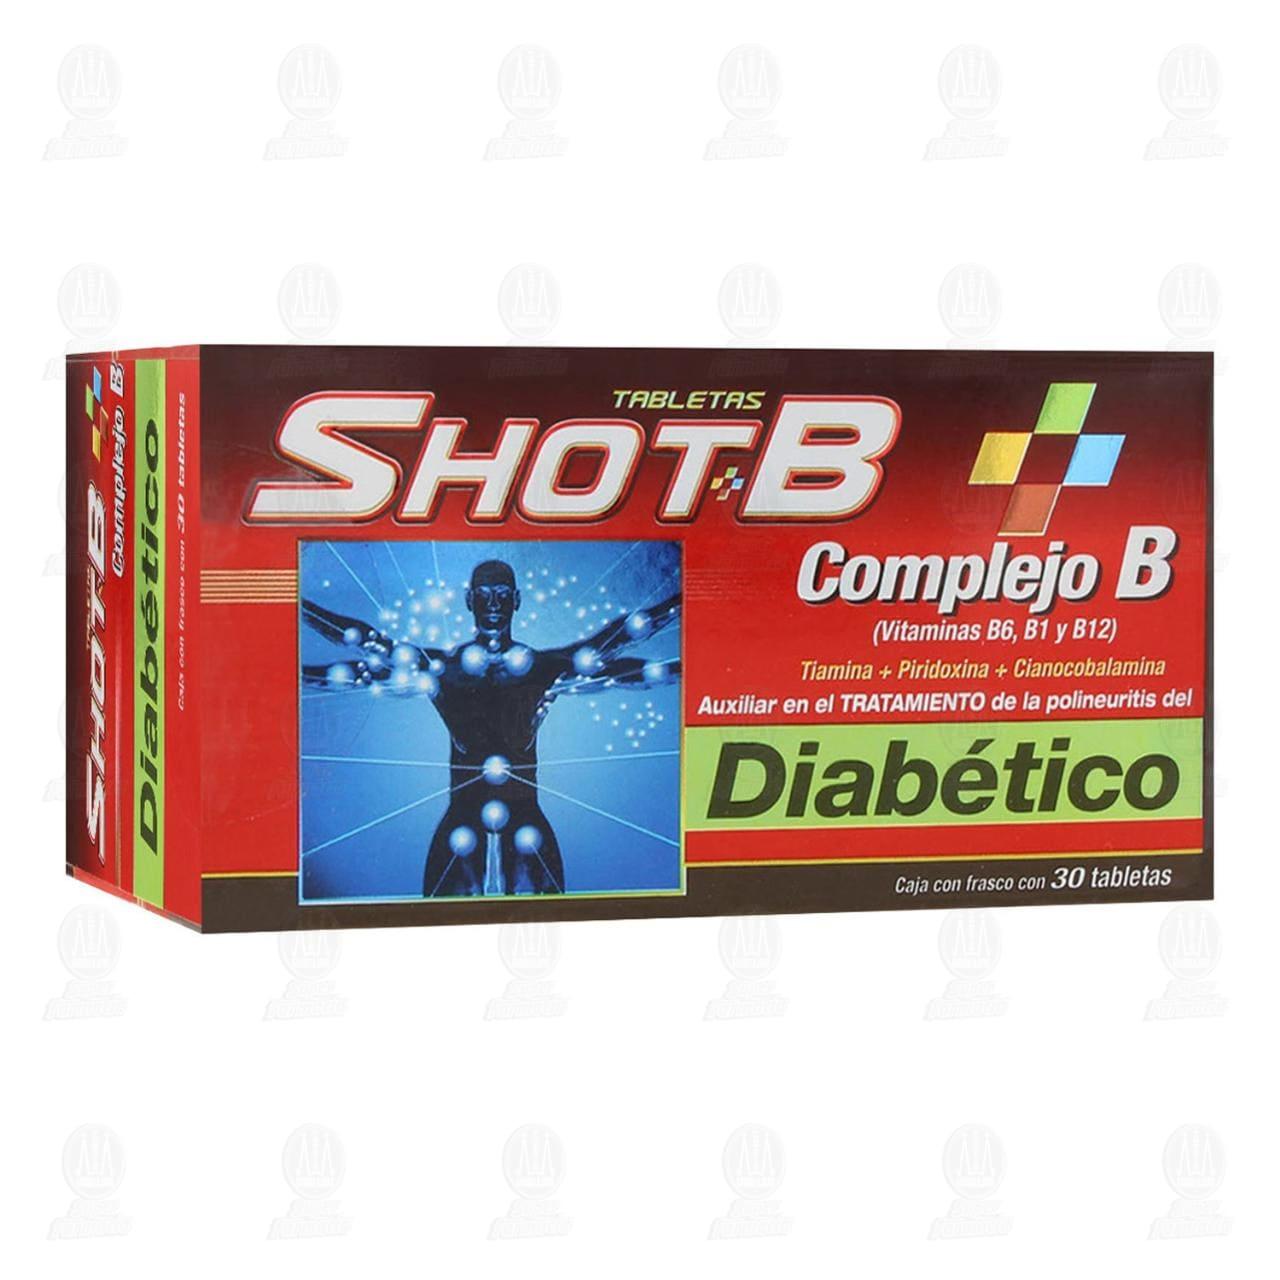 Comprar Shot-B Diabético 30 Tabletas en Farmacias Guadalajara